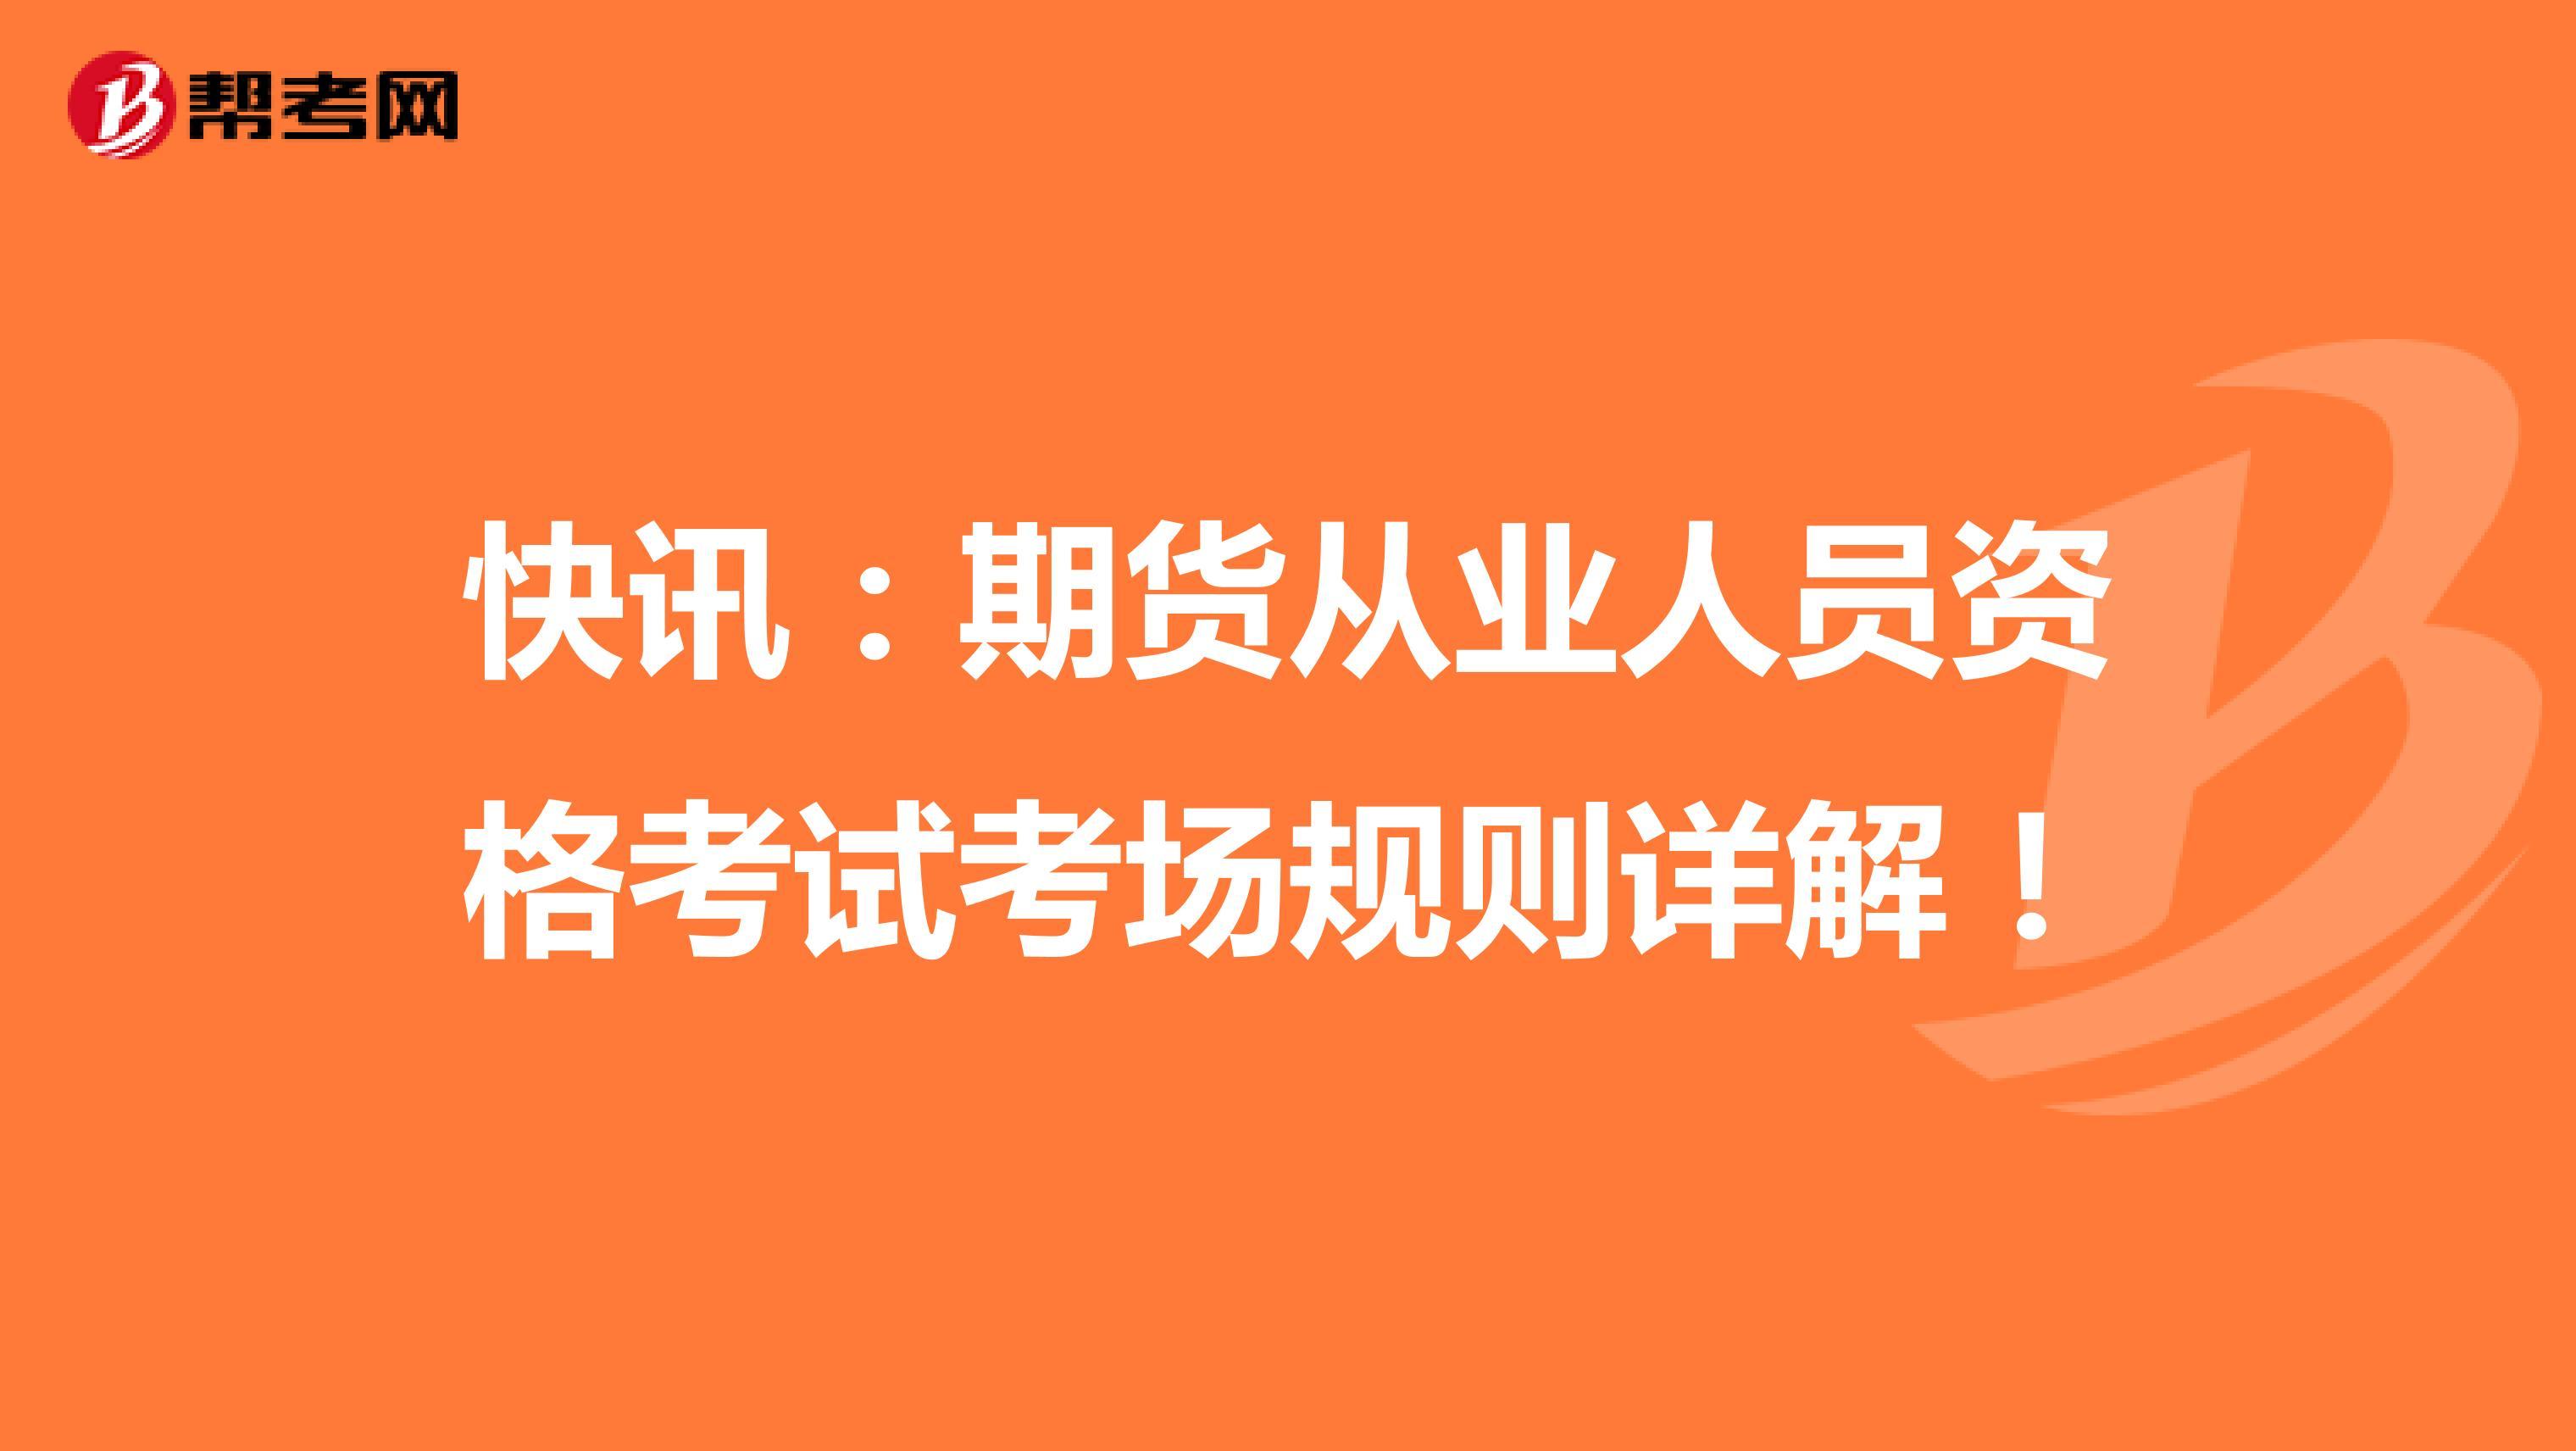 快讯:竞技雷火人员雷火考场规则详解!